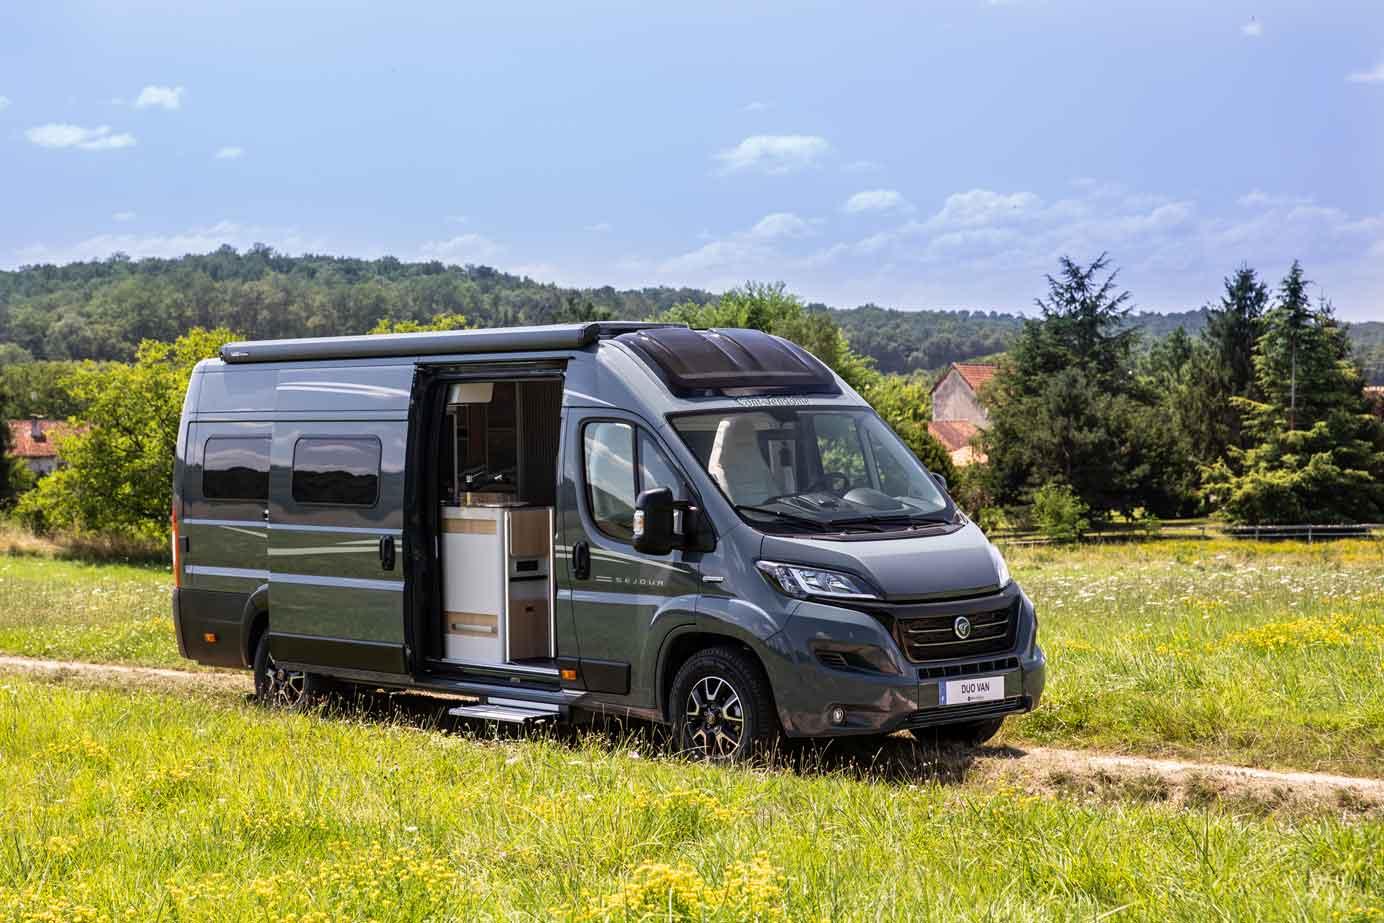 Camping-car FONT VENDOME Duo Van (en commande)